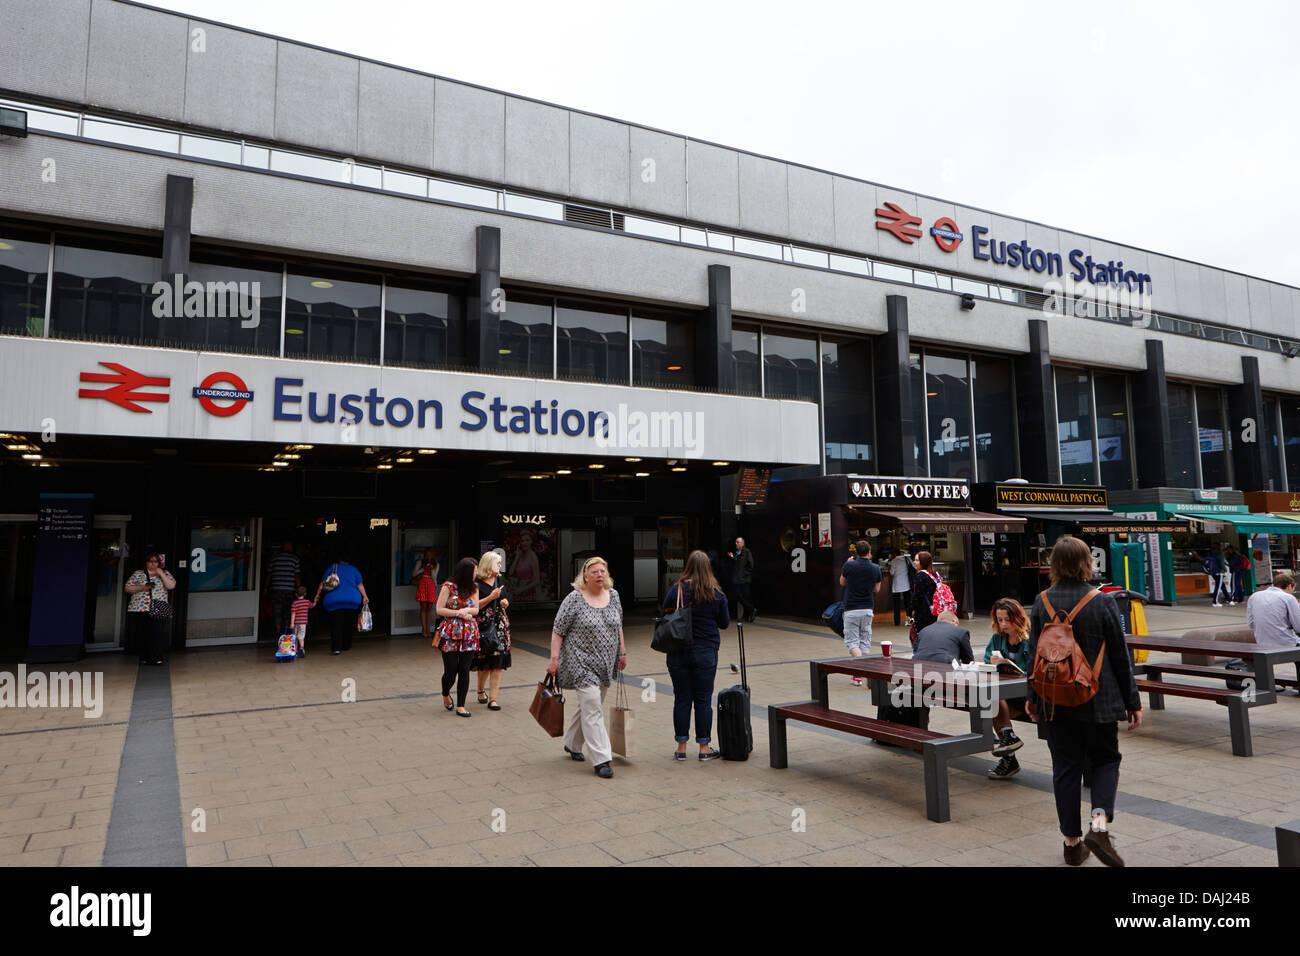 euston overground national rail train station london, england uk - Stock Image